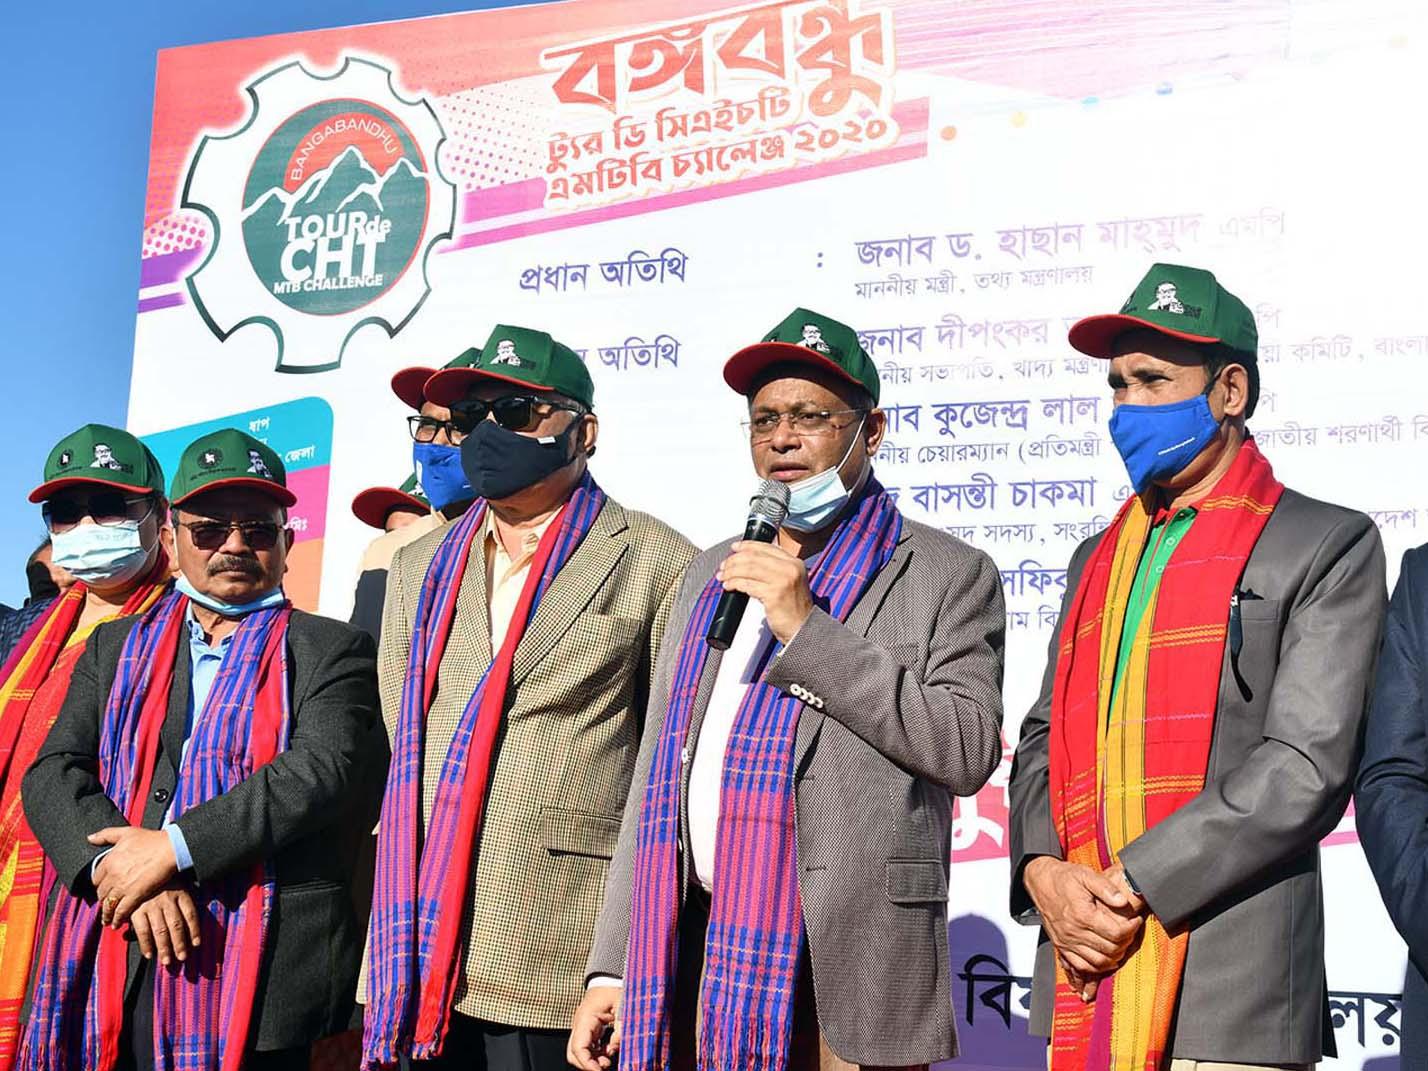 বঙ্গবন্ধু-টুর-দি-সিএইচটি-মাউন্টেন-বিকে-প্রতিযোগিতার-উদ্বোধনী-অনুষ্ঠানে-তথ্যমন্ত্রী